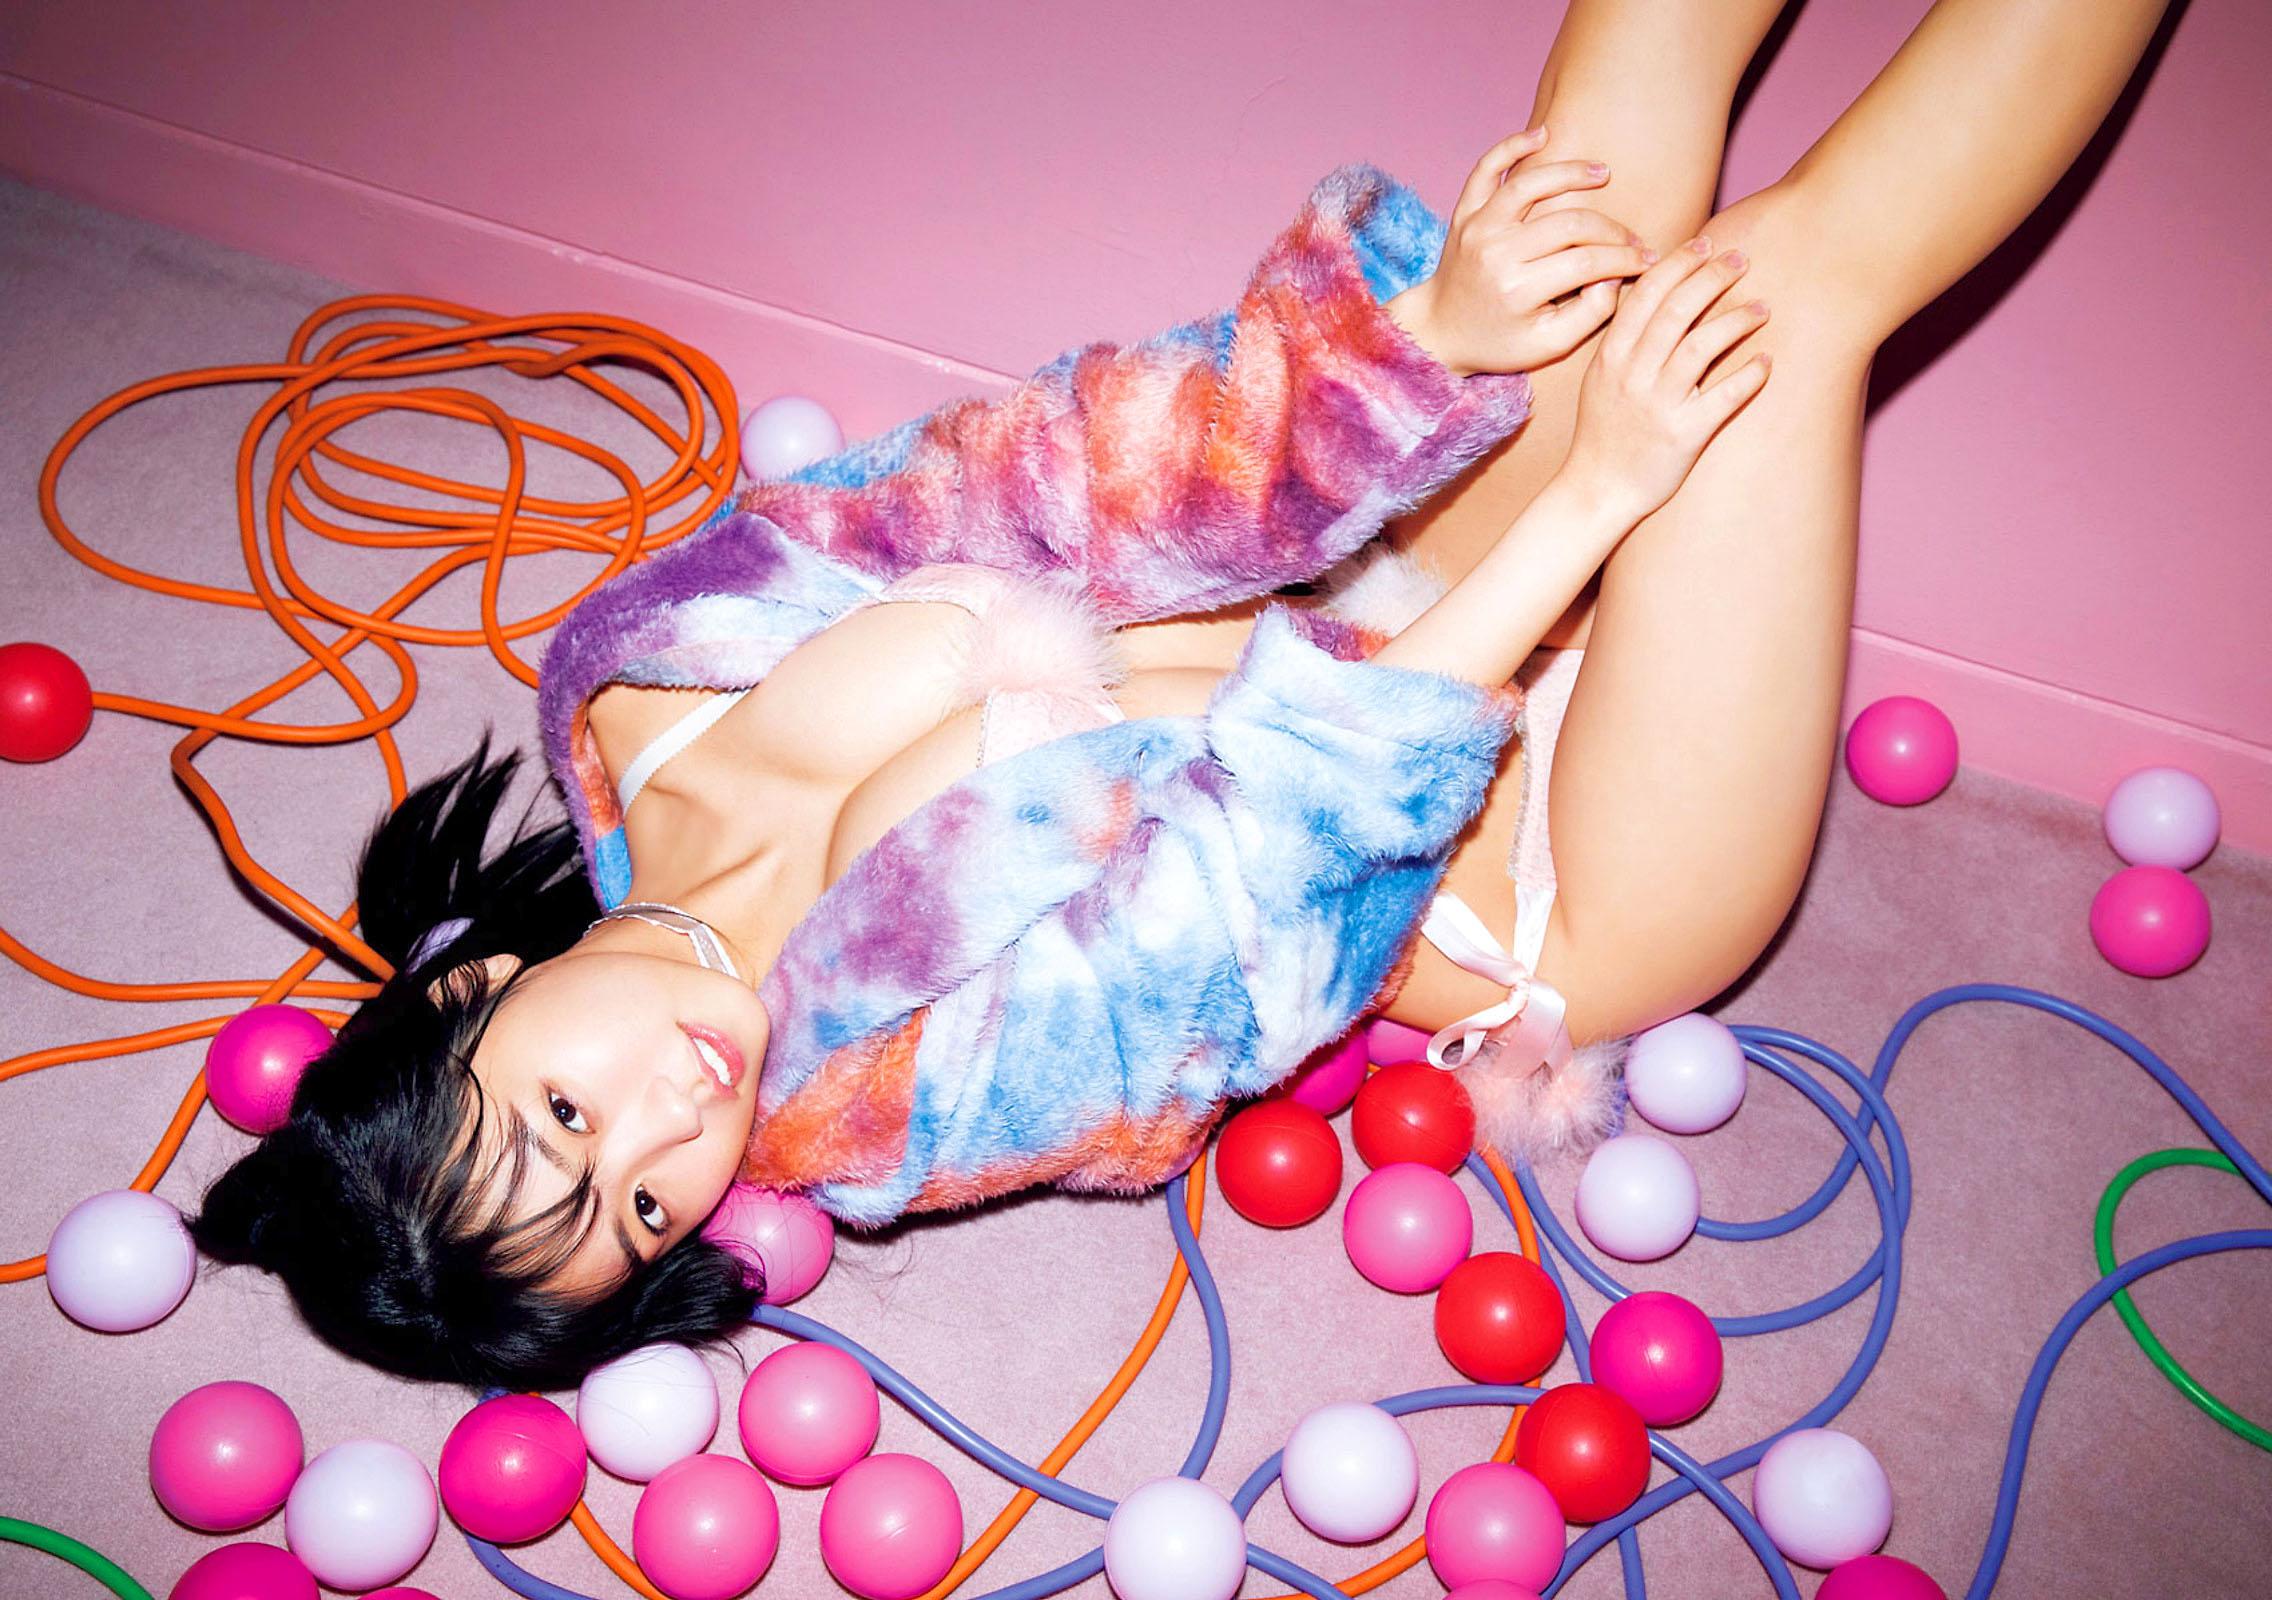 YOhara Big Comic Spirits 210315 10.jpg